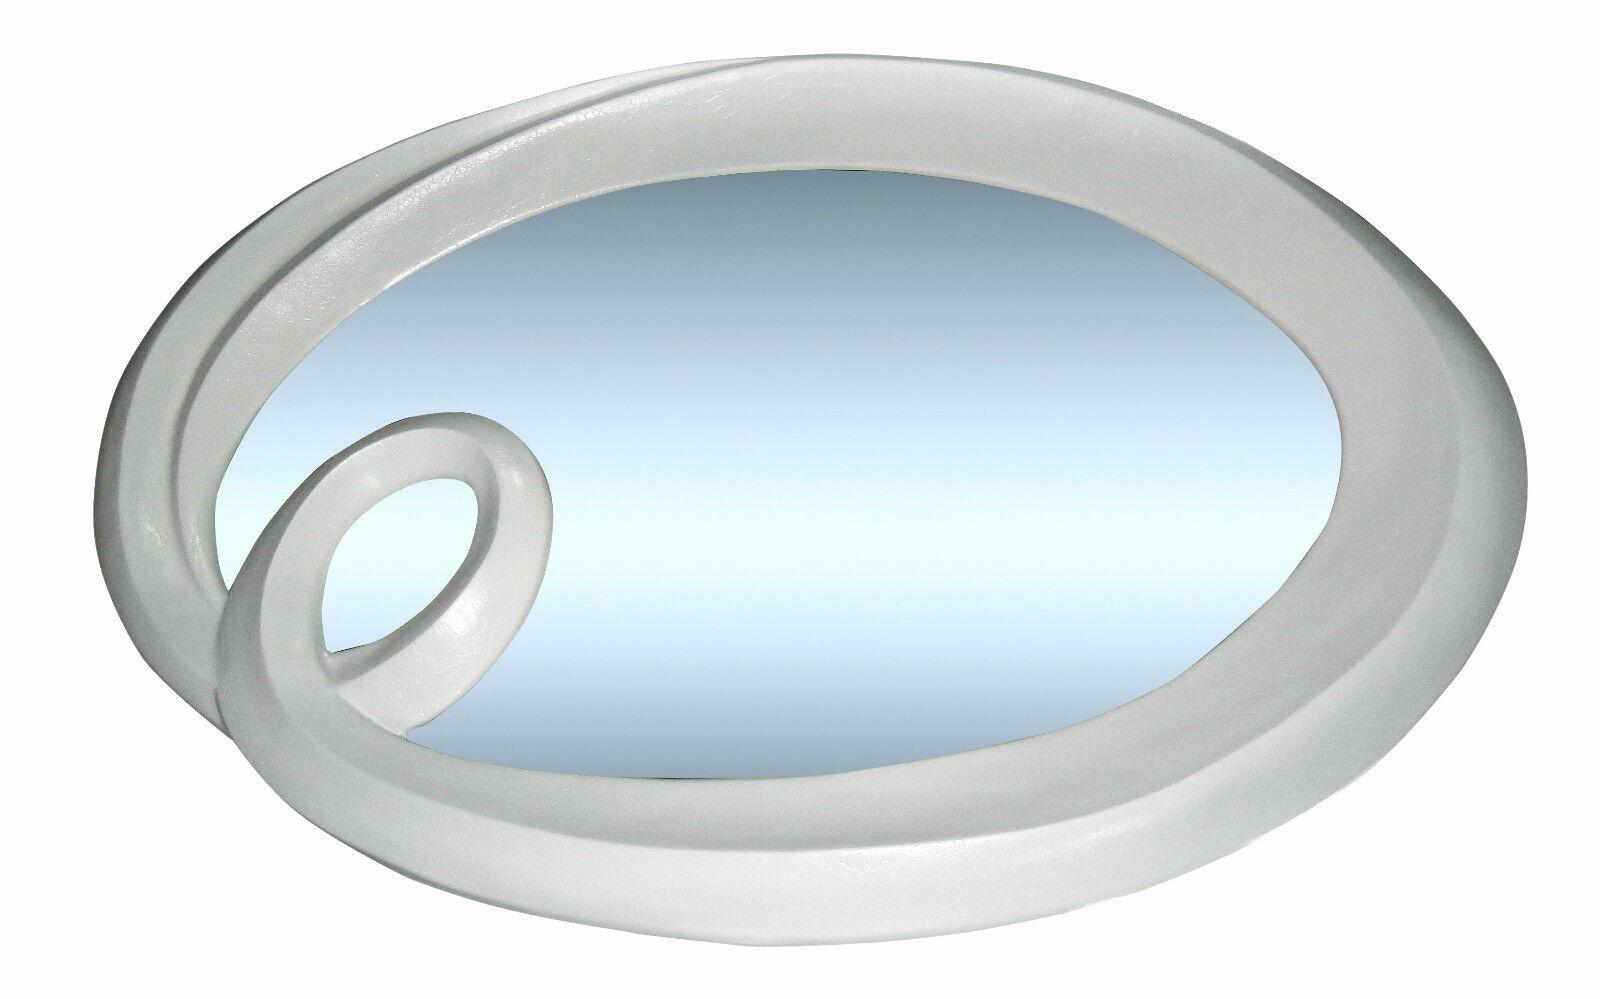 22m Satinband 6mm dunkelblau Dekomaterial Schleifenband Hochzeit #1